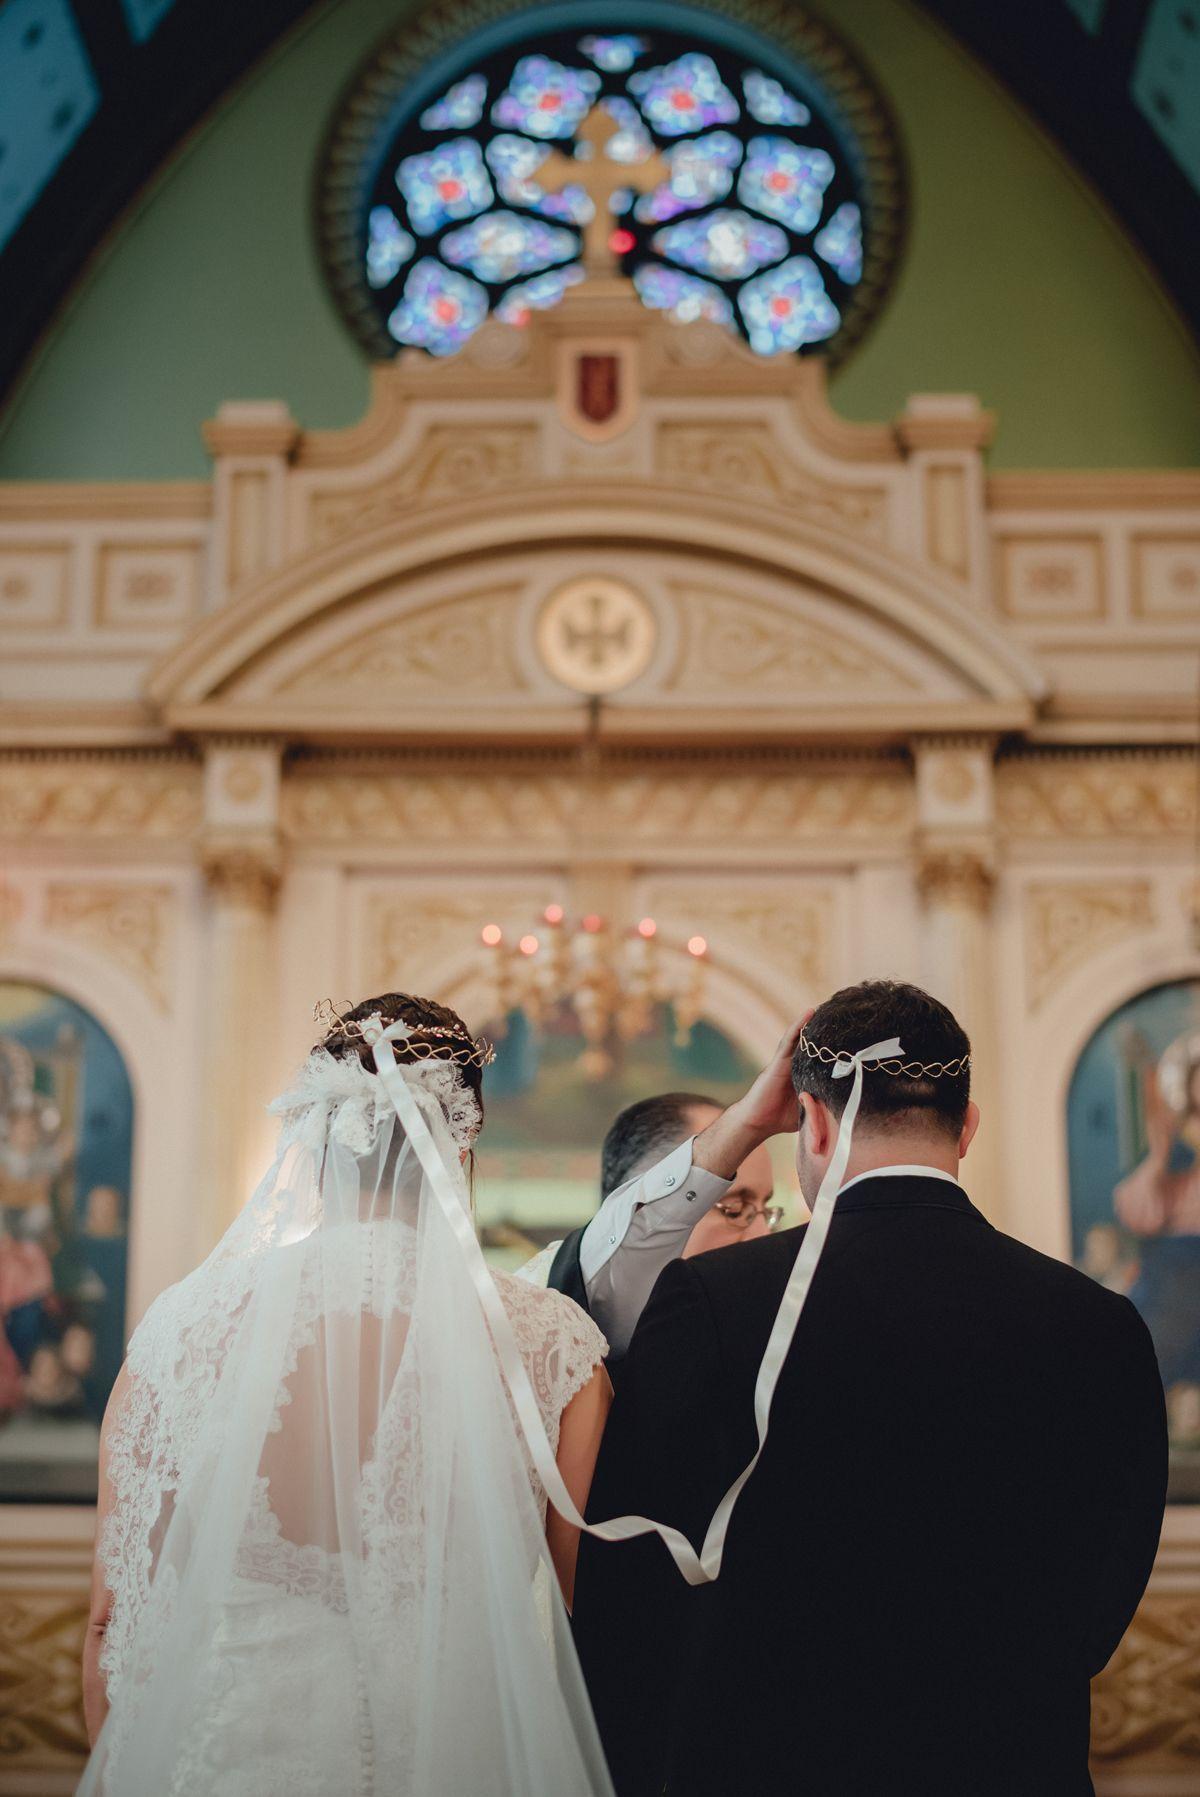 Stefana Ritual At A Greek Orthodox Wedding Crete For Love Orthodox Wedding Greek Wedding Traditions Greek Wedding